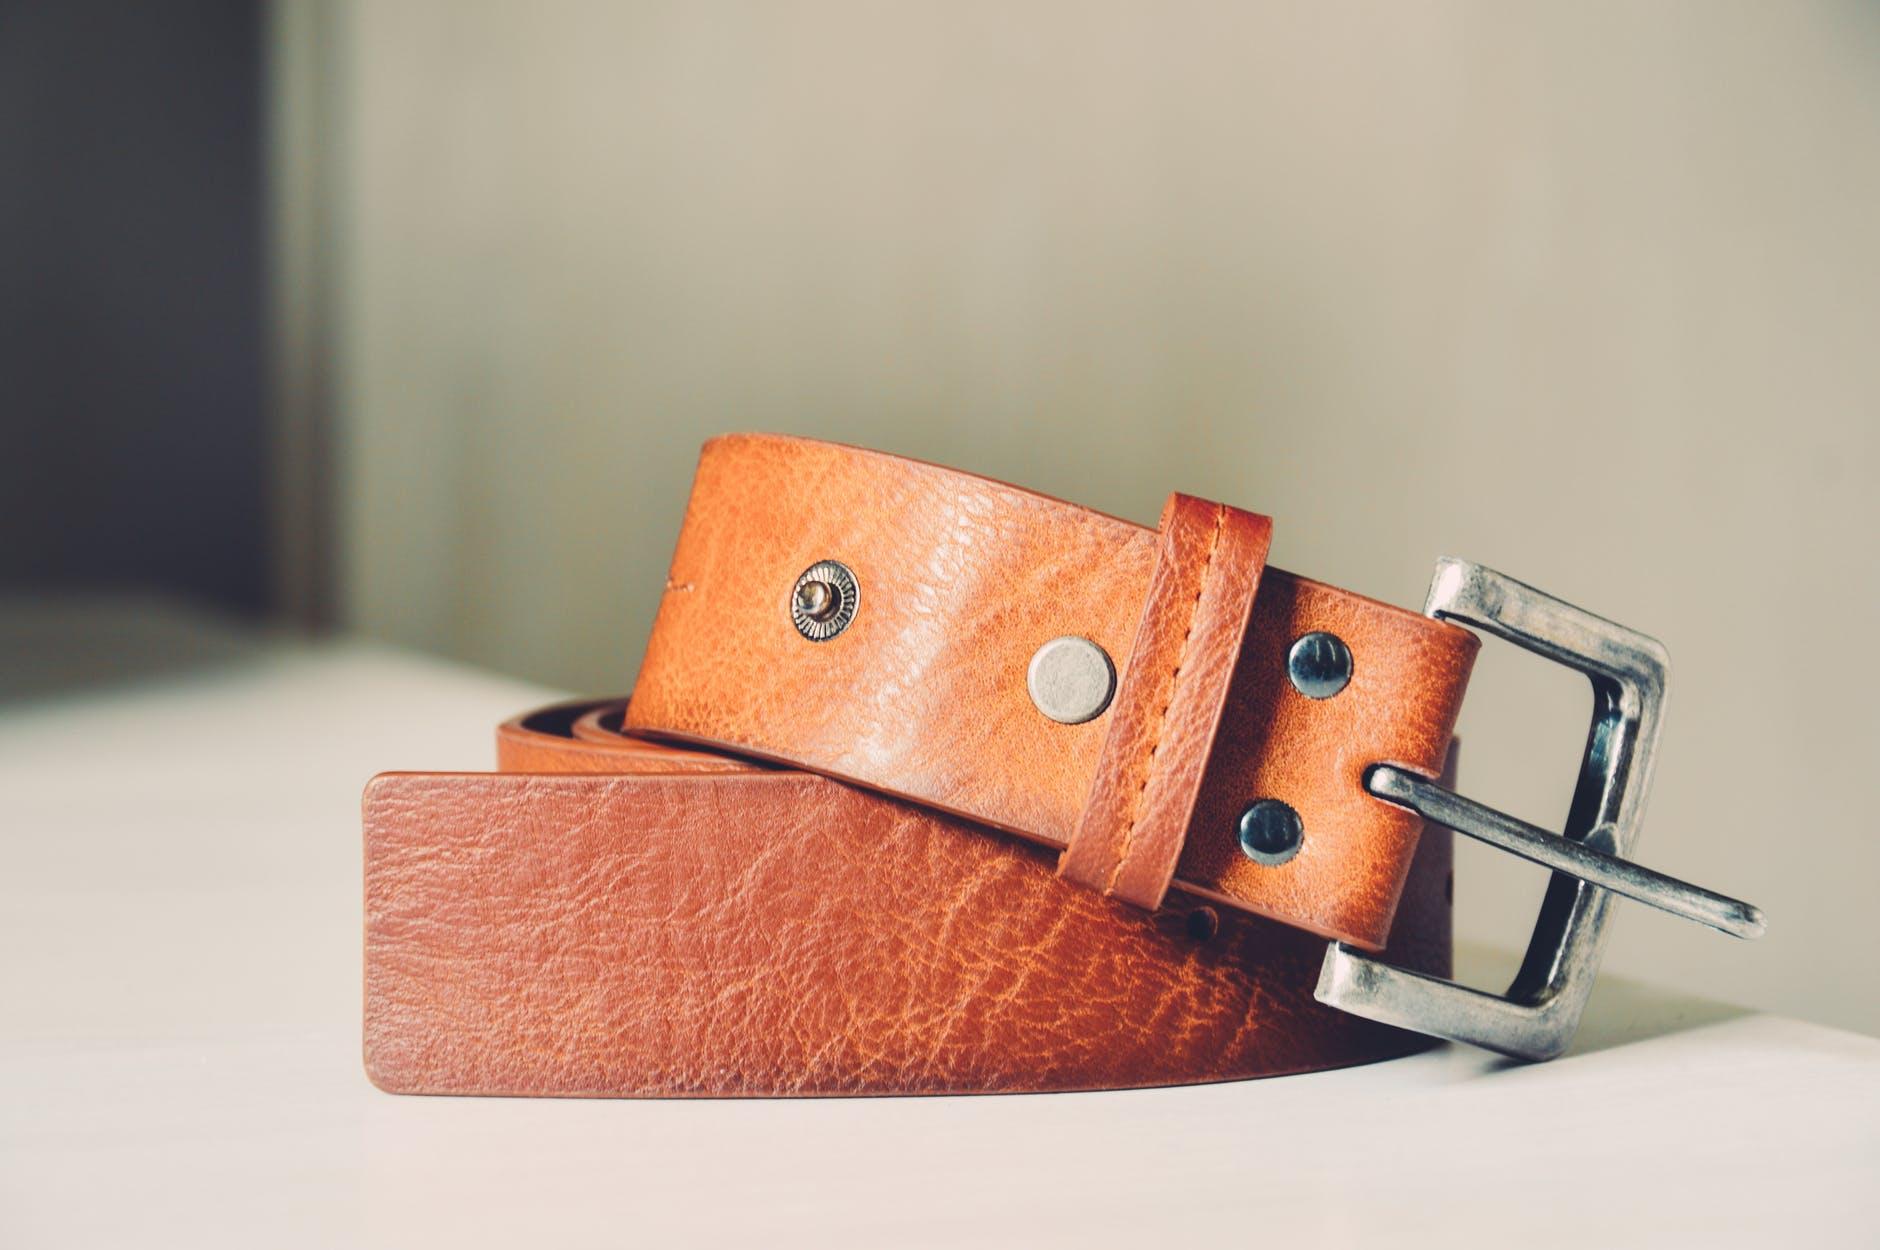 belt = เข็มขัด